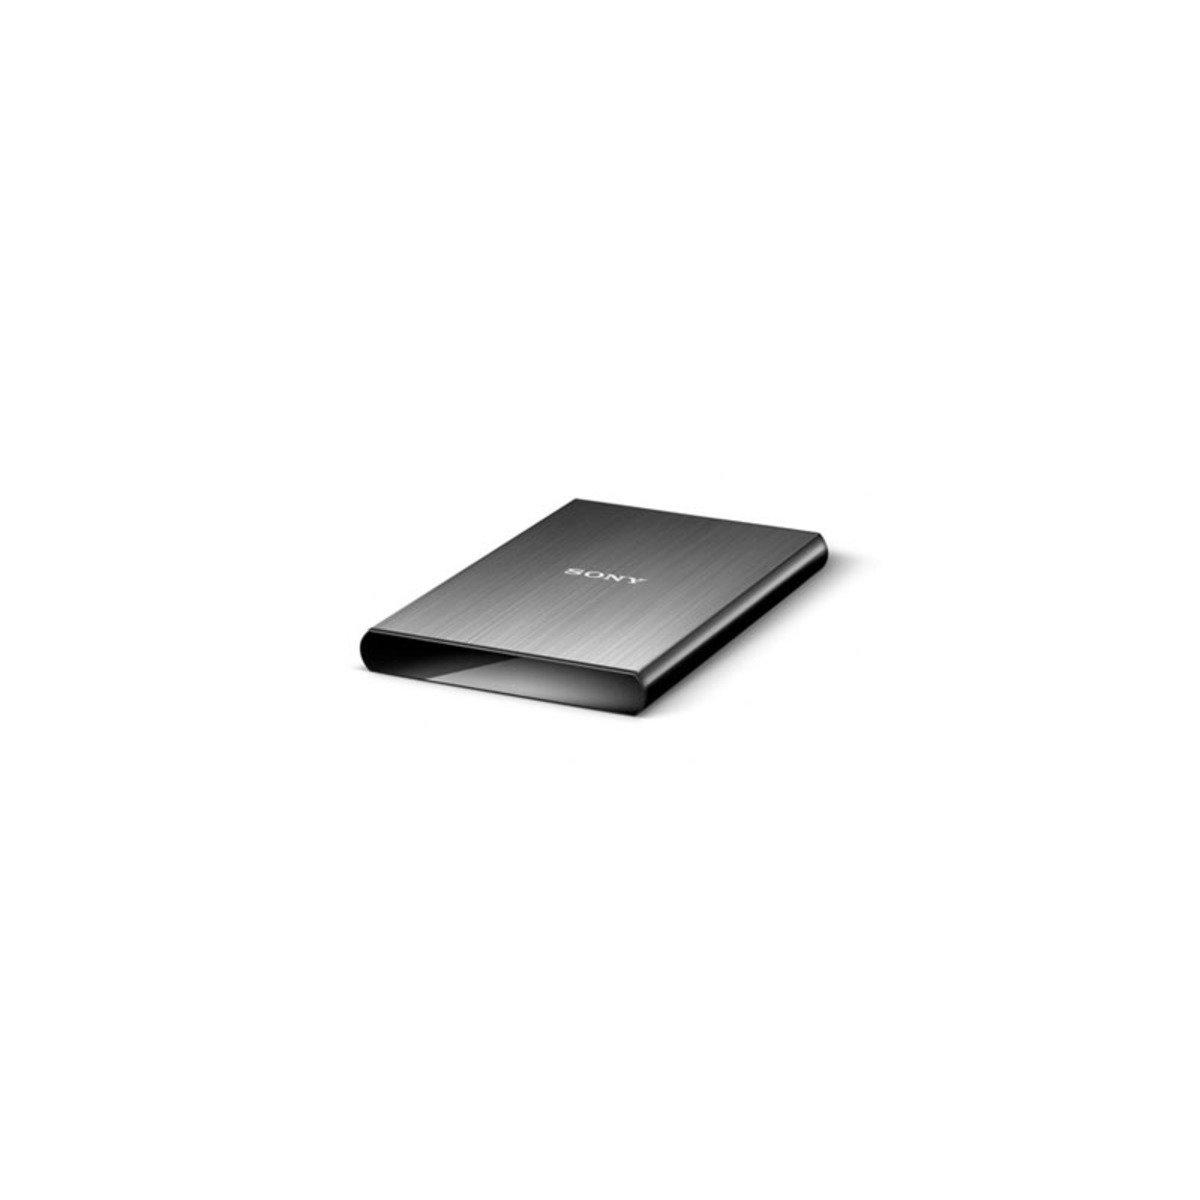 2.5吋 Compact Slim 1TB USB3.0 金屬外殼外置硬碟 黑色